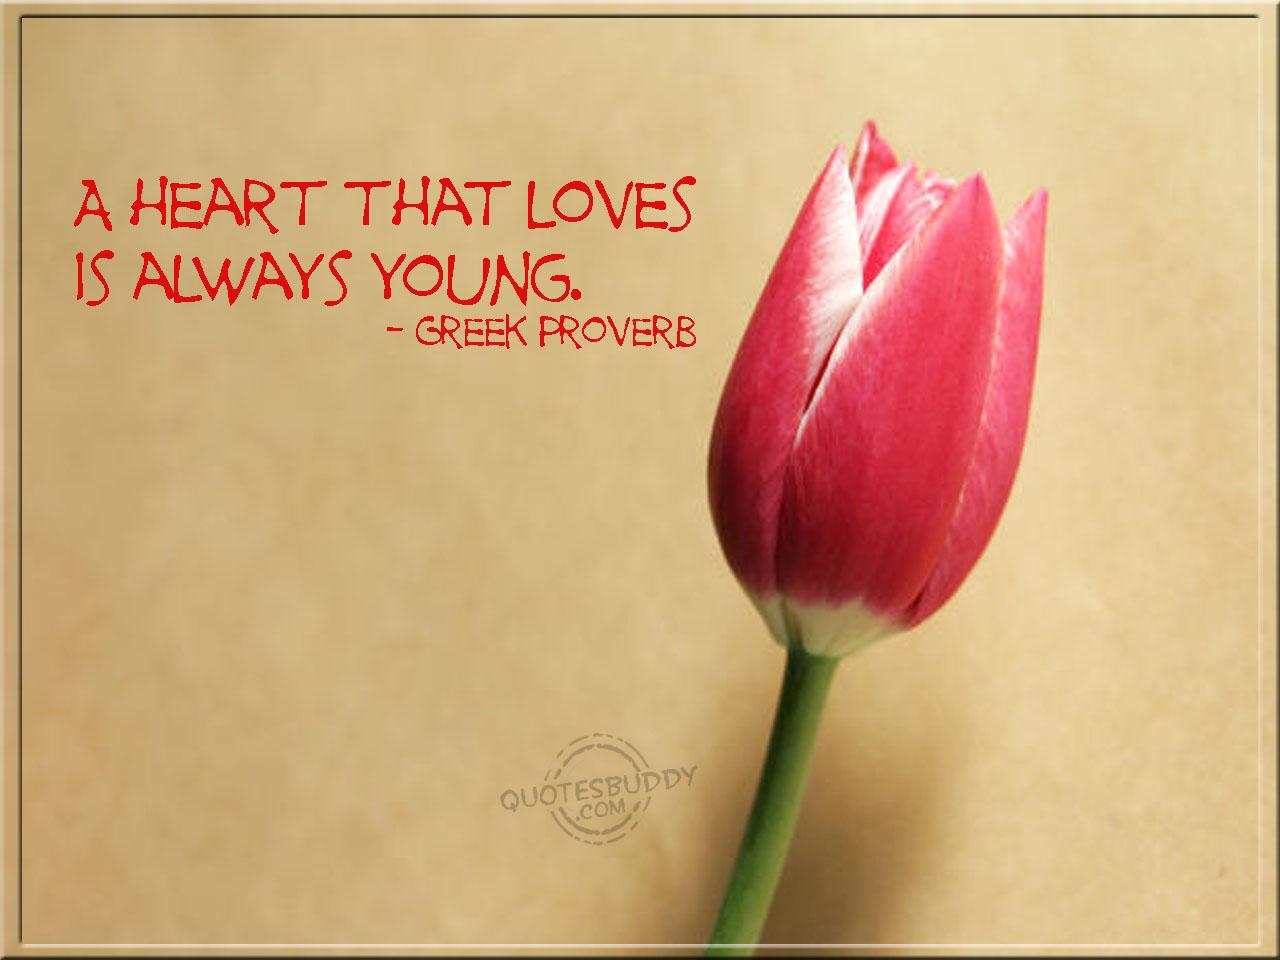 http://1.bp.blogspot.com/-8UewB4g5dpc/TkdoickS8VI/AAAAAAAAAWI/Dsbj1j-t3mk/s1600/Love-Wallpaper14.jpg